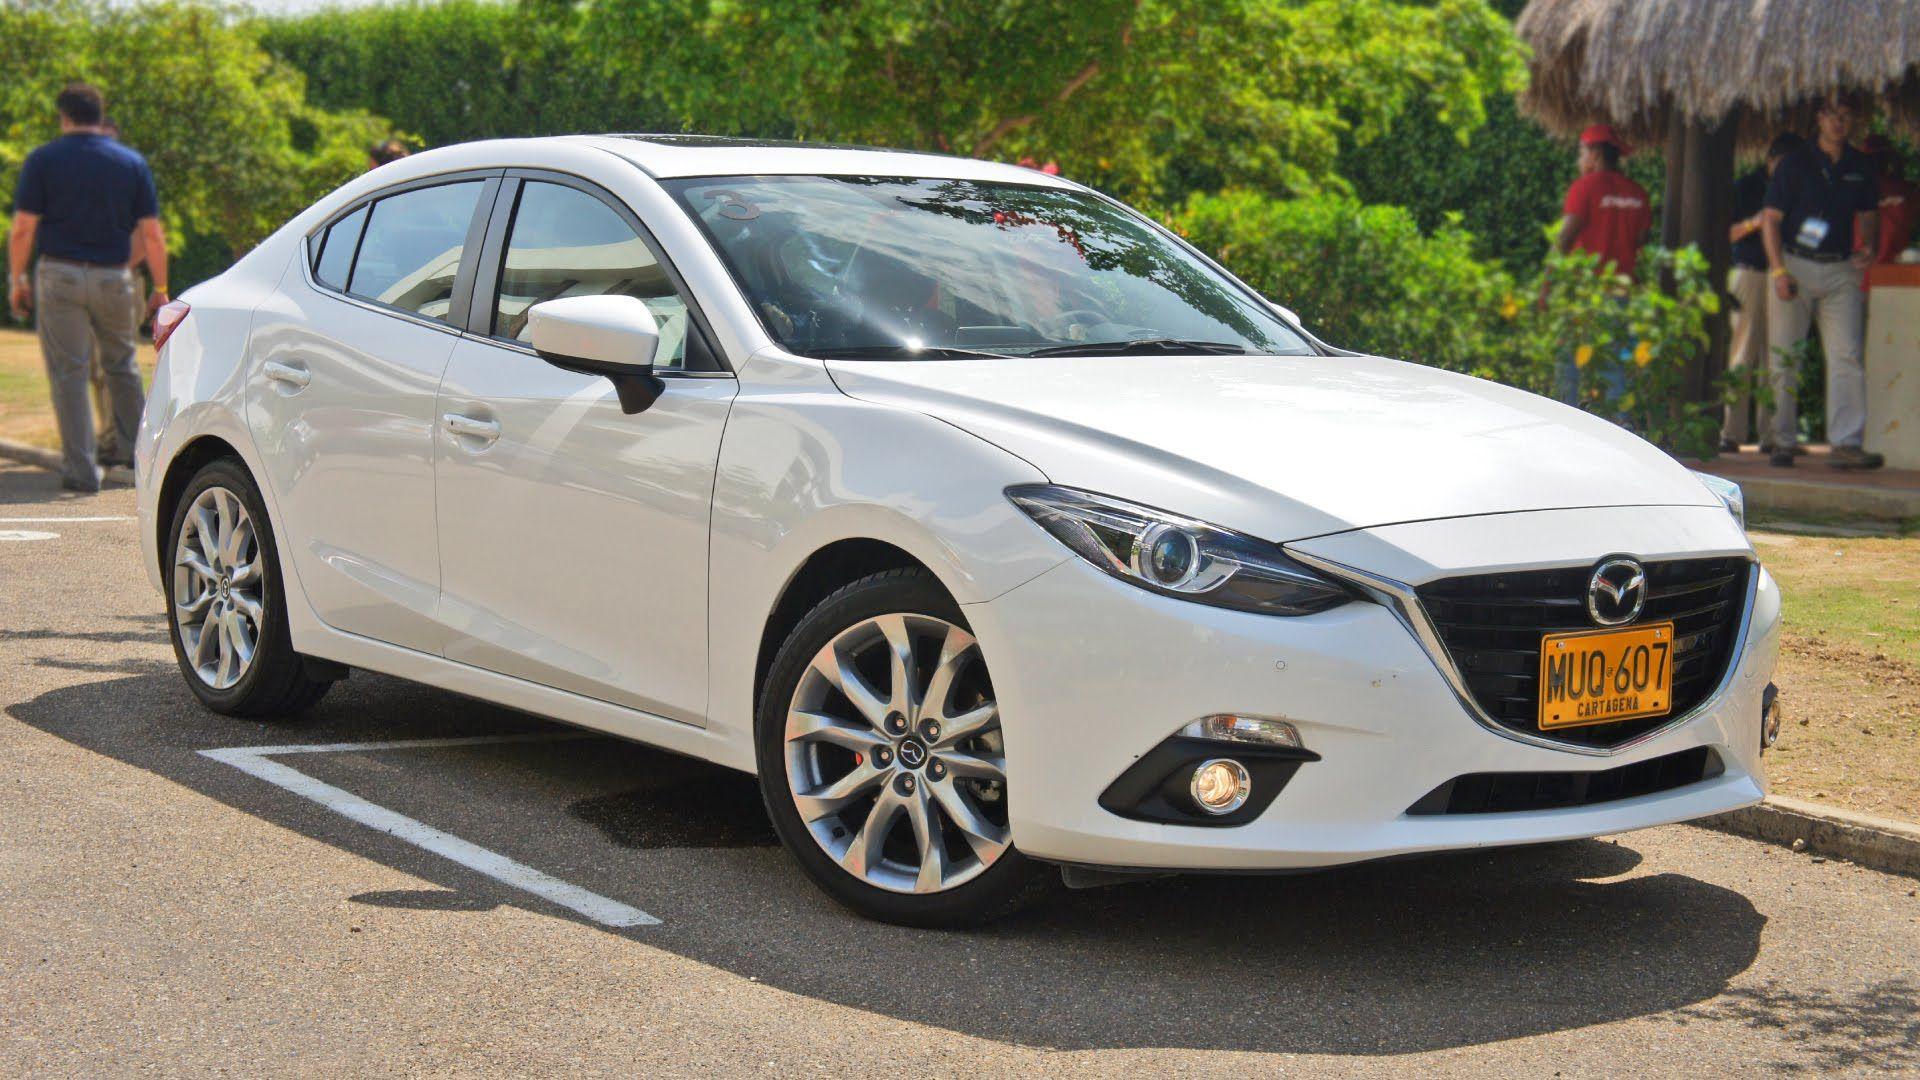 Mazda 3 White With Black Rims >> The 25+ best Mazda 3 white ideas on Pinterest | Mazda cars, Mazda 3 and Mazda 3 accessories